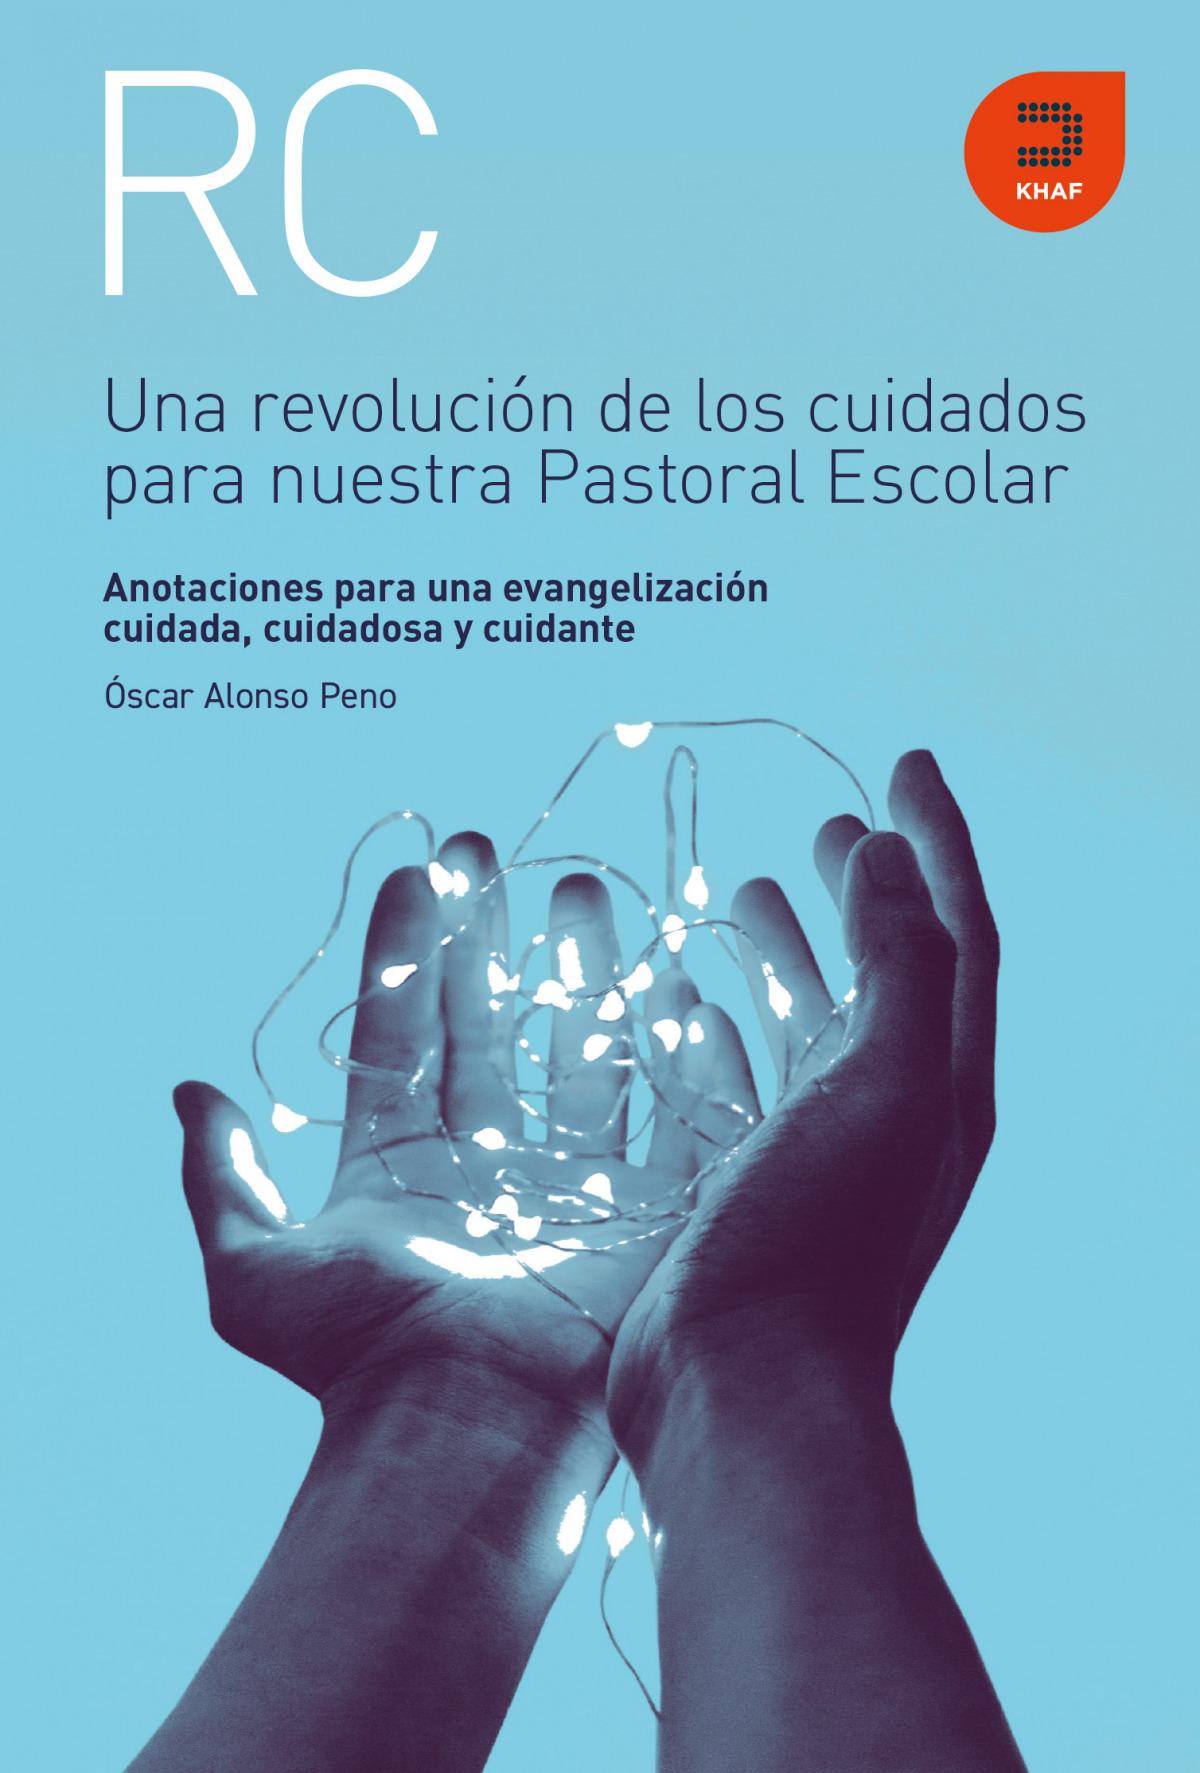 Una revolución de los cuidados para nuestra Pastoral Escolar